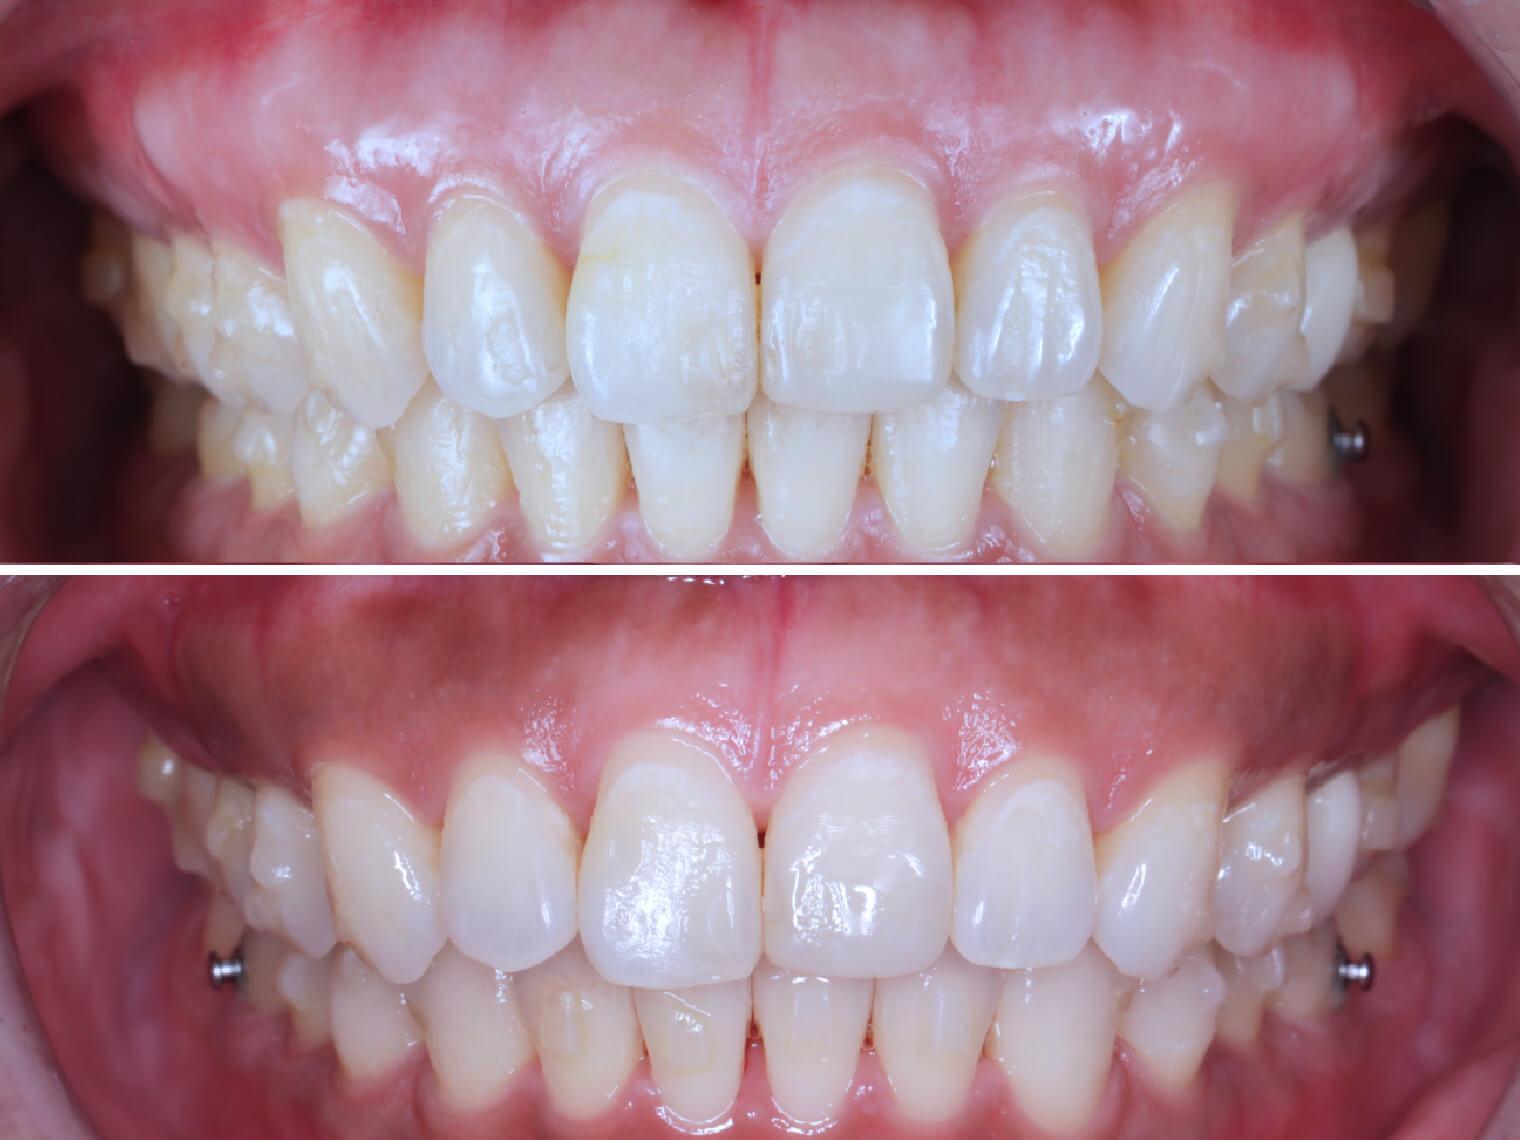 原本以為牙齦美白美容需要透過討皮痛的手術進行,經醫師評估後可使用「水雷射」進行牙齦美白的療程,免去牙周手術的過程,不但讓整個過程更無痛,後續傷口也癒合得很快呢!